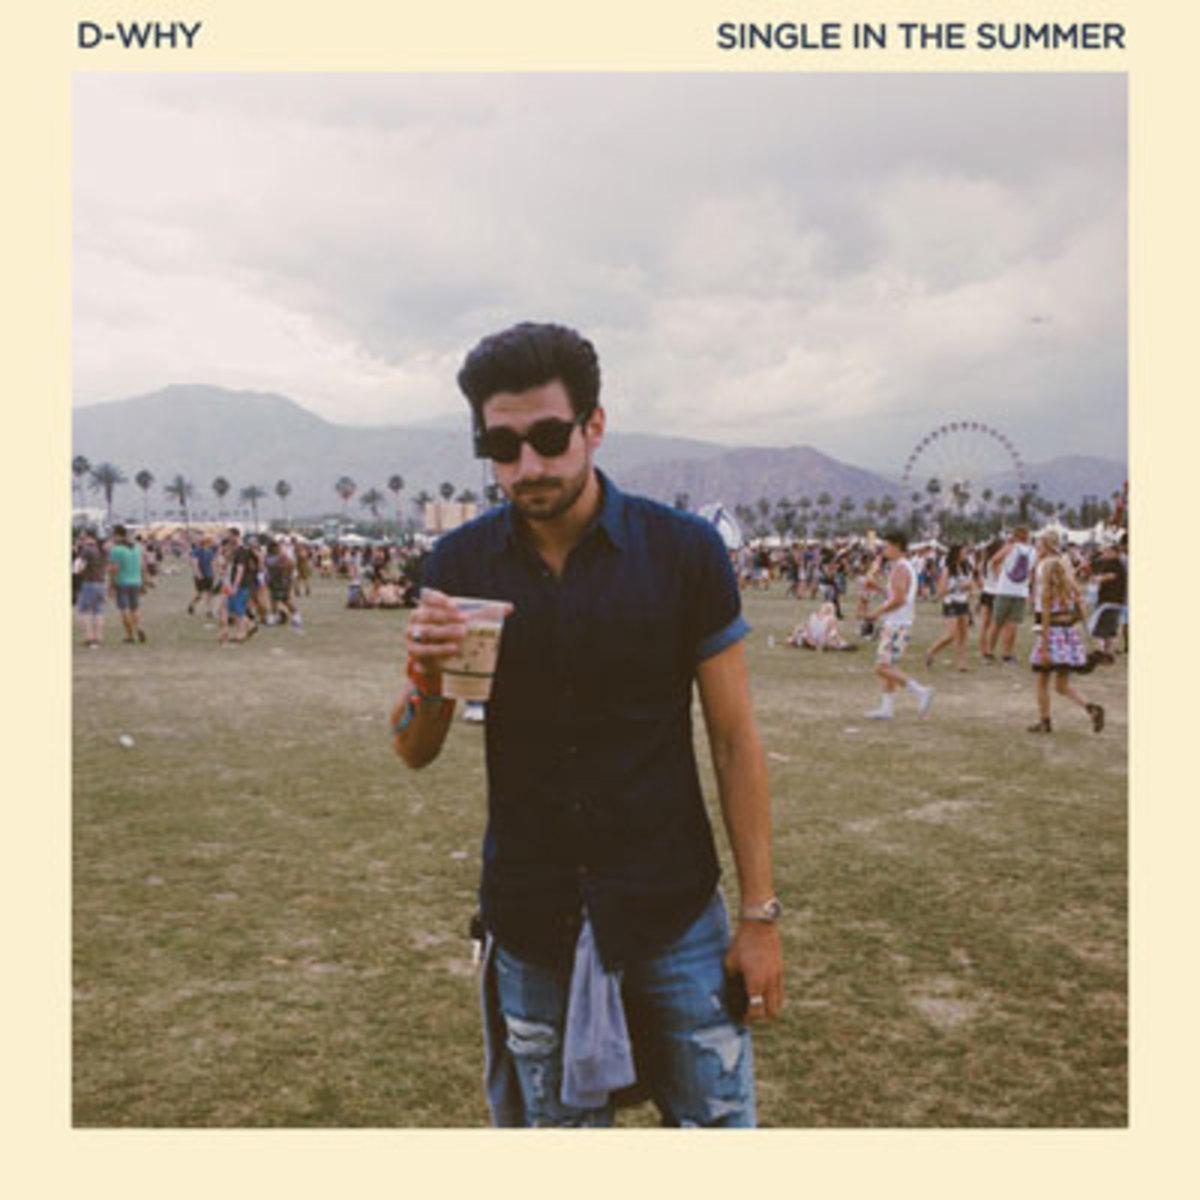 dwhy-singleinsummer.jpg